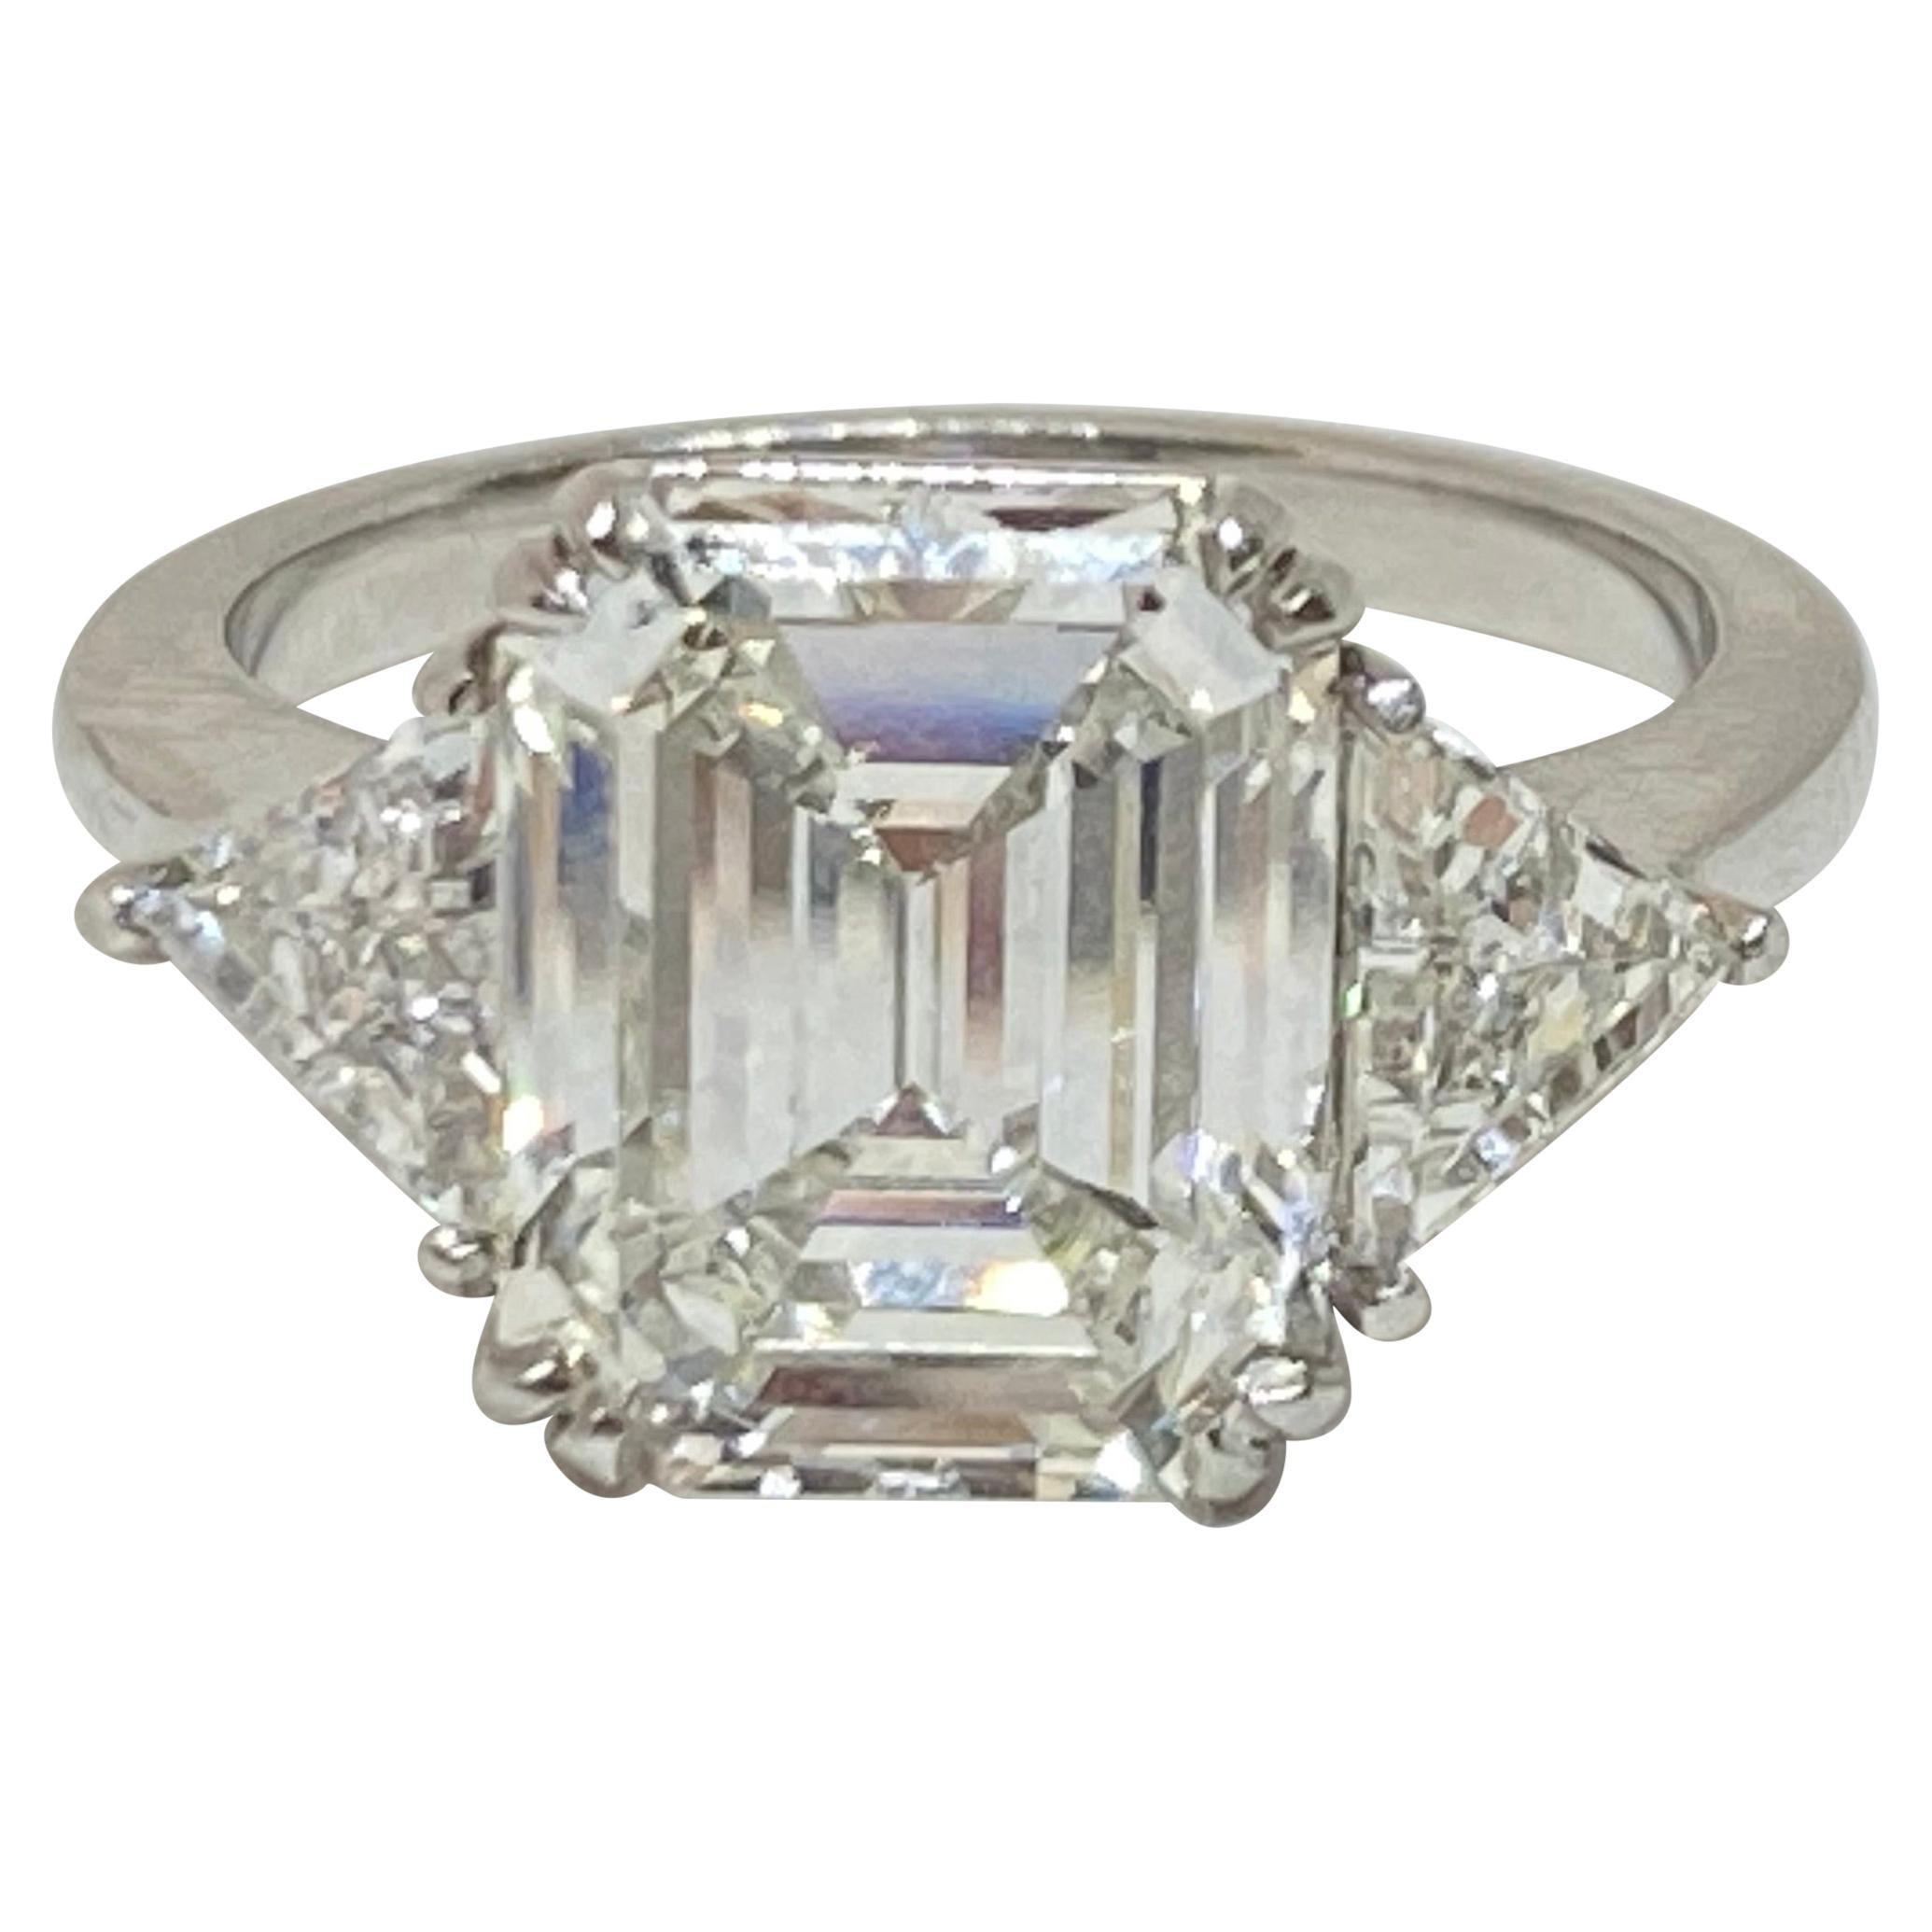 Emerald and Trillion Cut Engagement Ring Platinum 4.10 Carat GIA